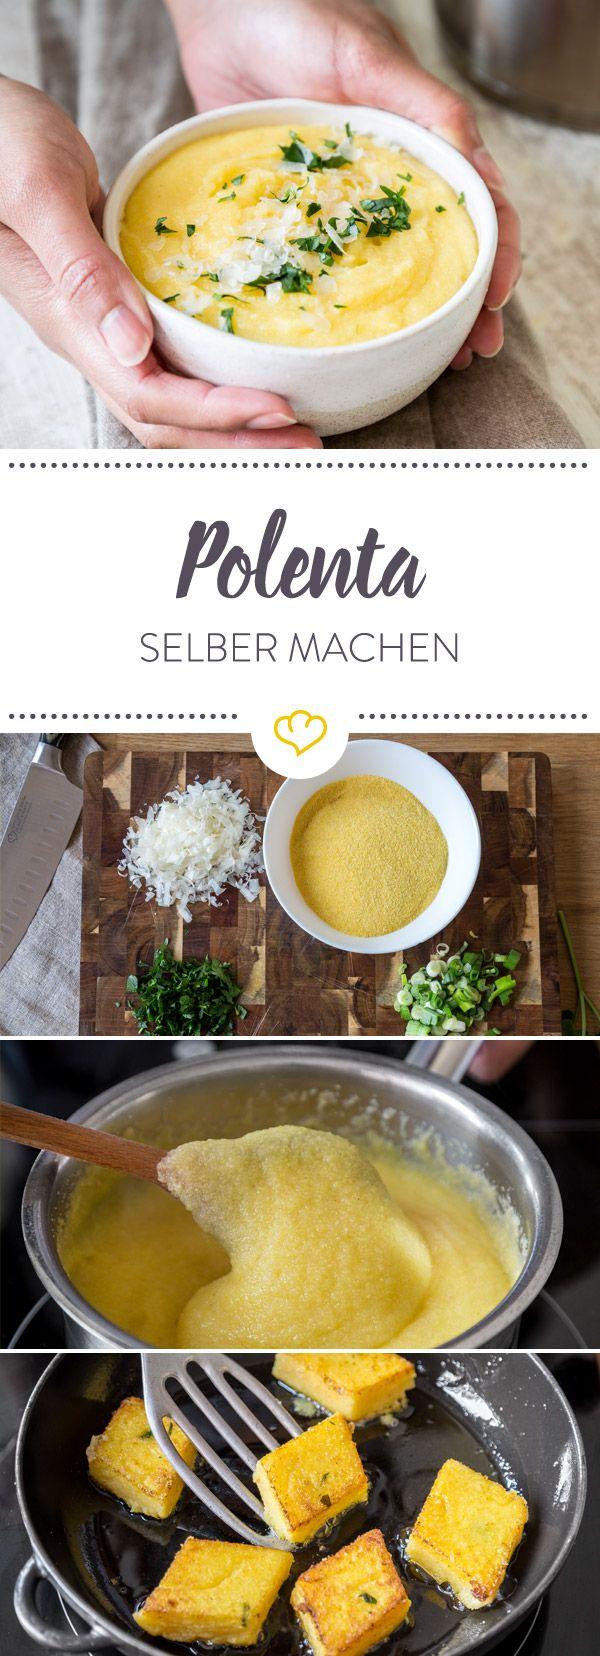 Cremig oder kross: So kochst du Polenta wie ein Pro #healthyrecipes